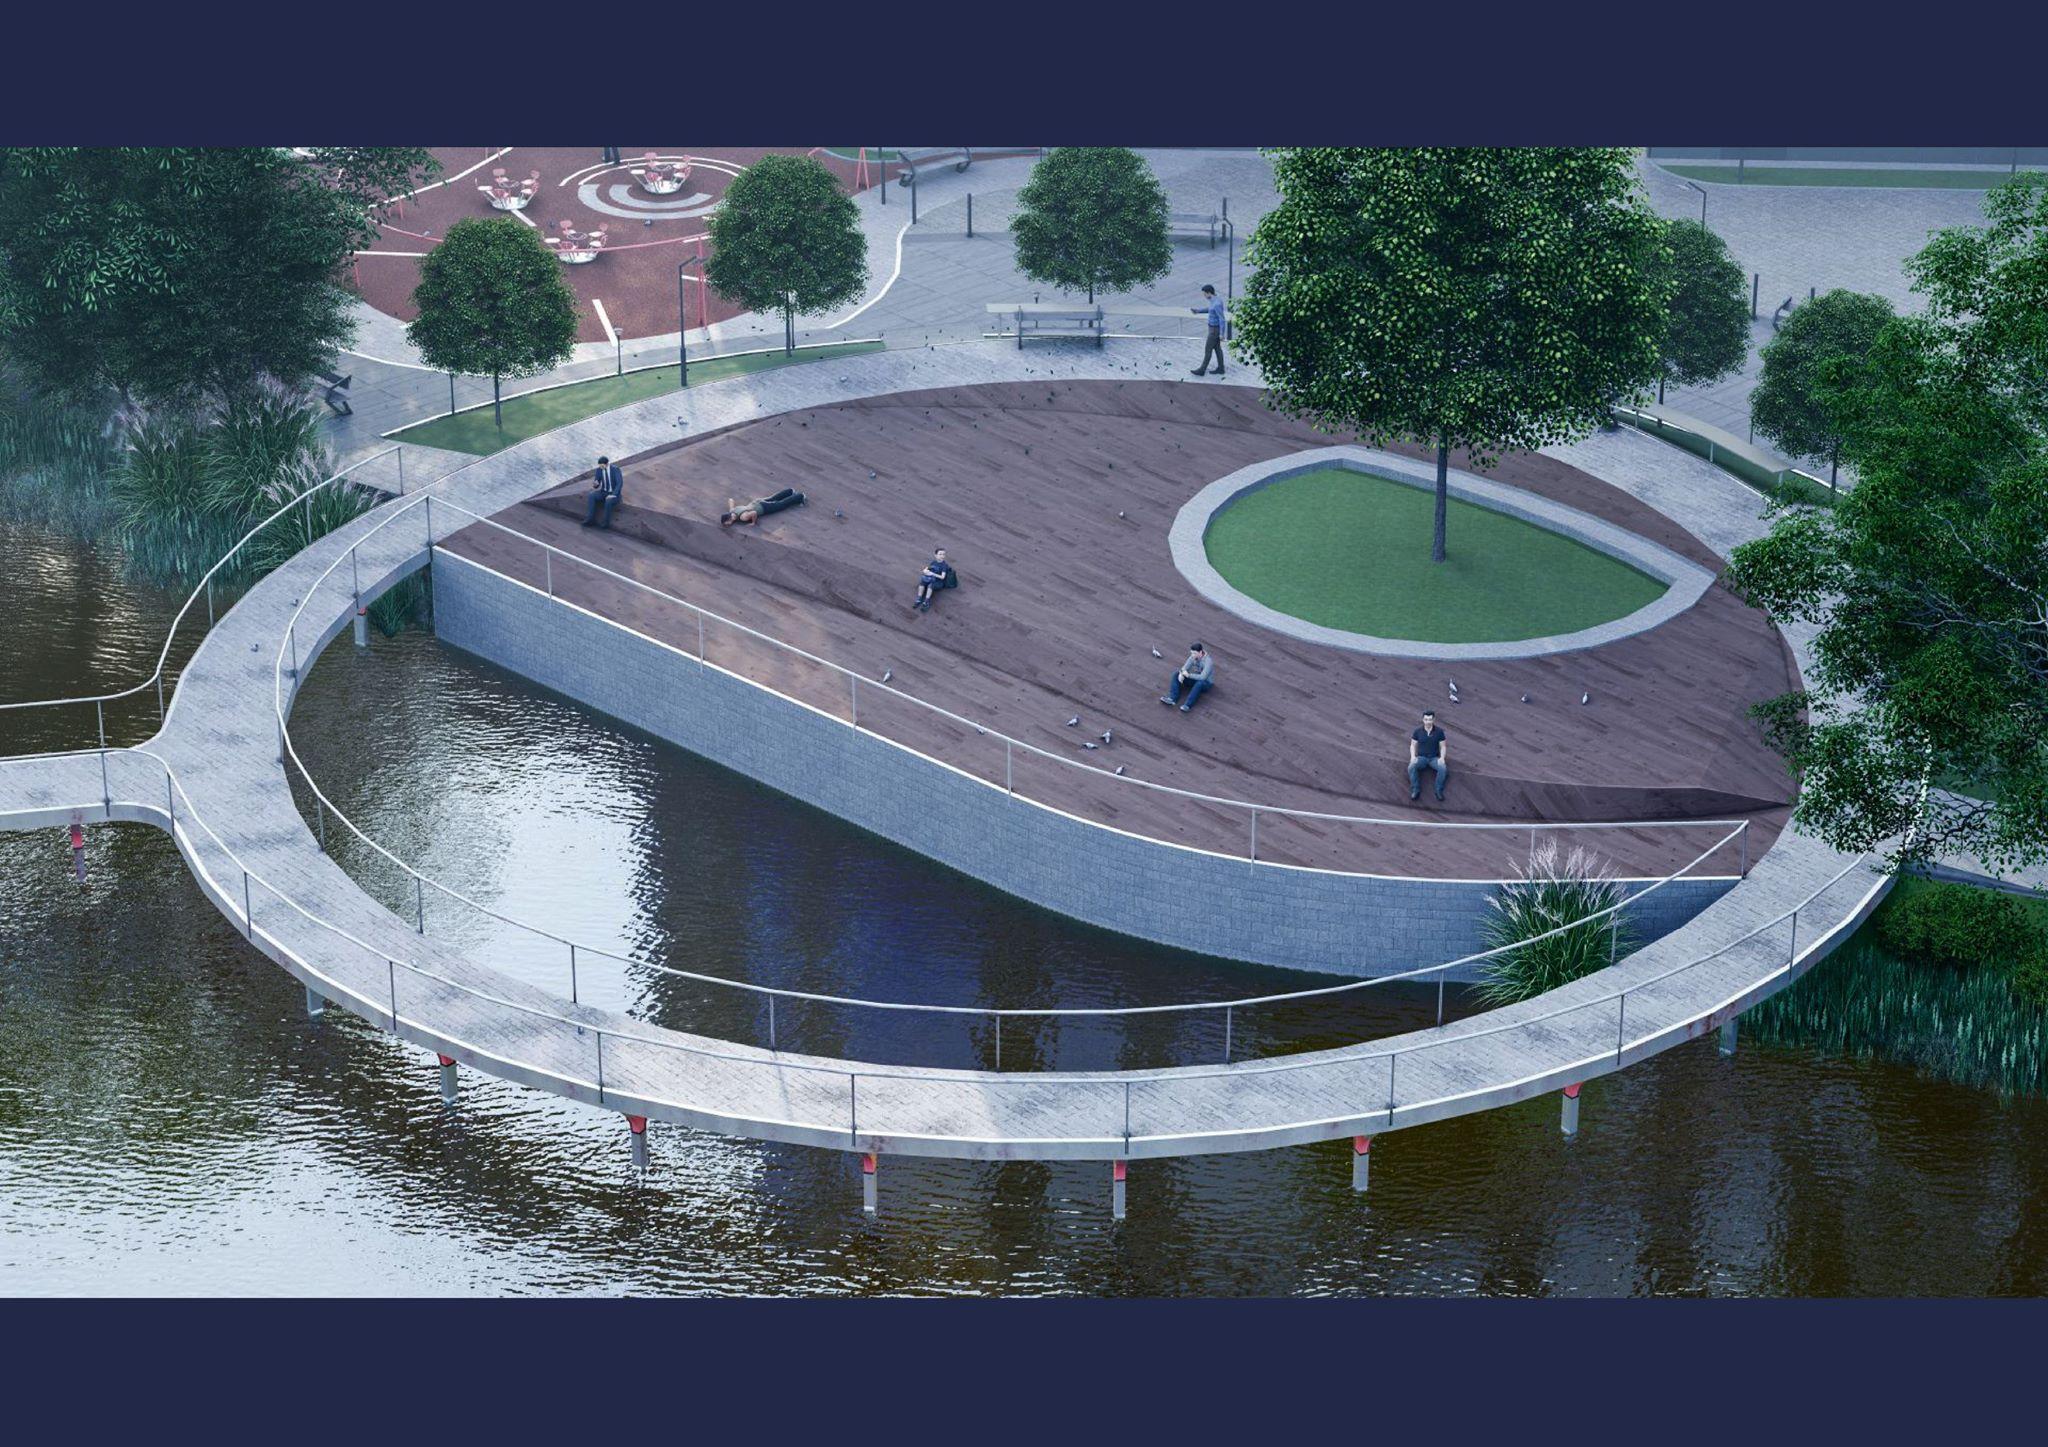 Івано-франківська будівельна компанія «МЖК Експрес-24» визнана однією з найкращих в Україні 36